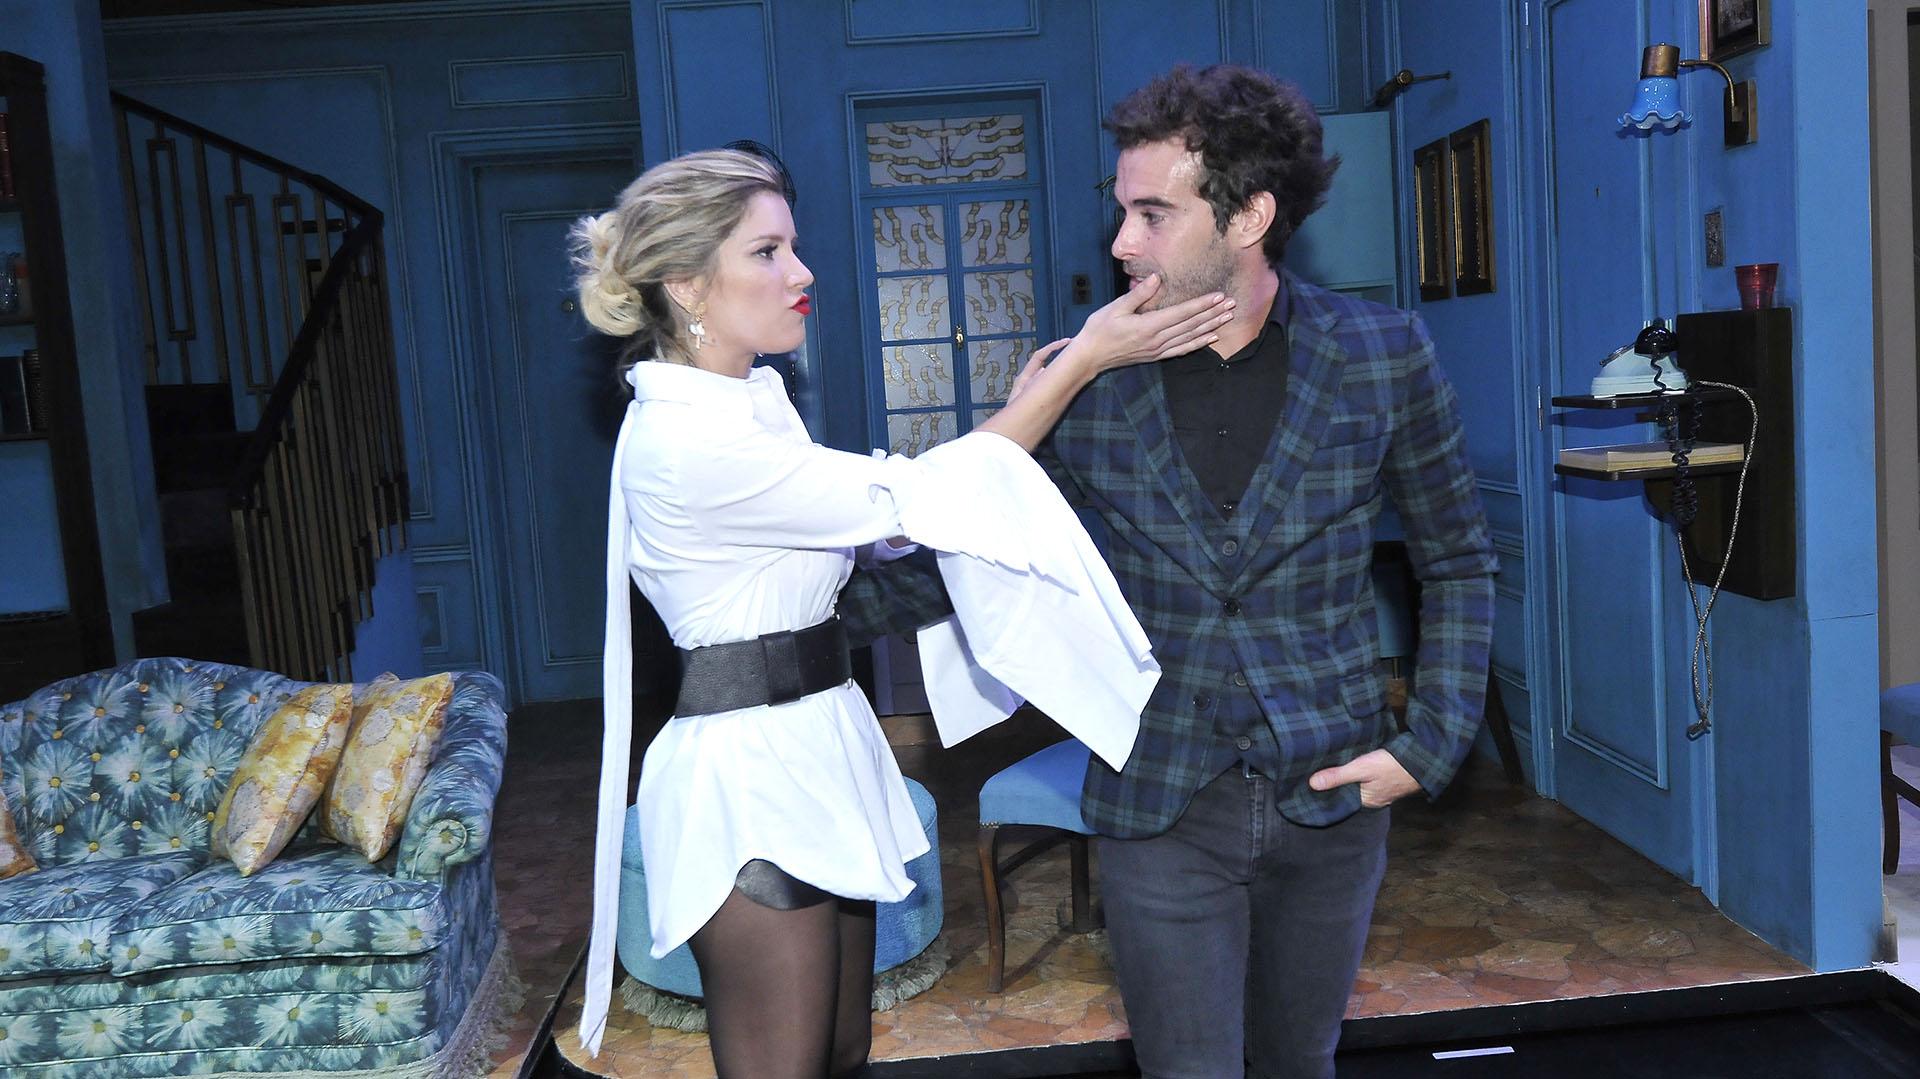 """Laurita Fernández y Nico Cabré protagonizan la obra """"Departamento de soltero"""". La pareja ya había trabajado en el musical """"Sugar"""" (Crédito: Verónica Guerman / Teleshow)"""